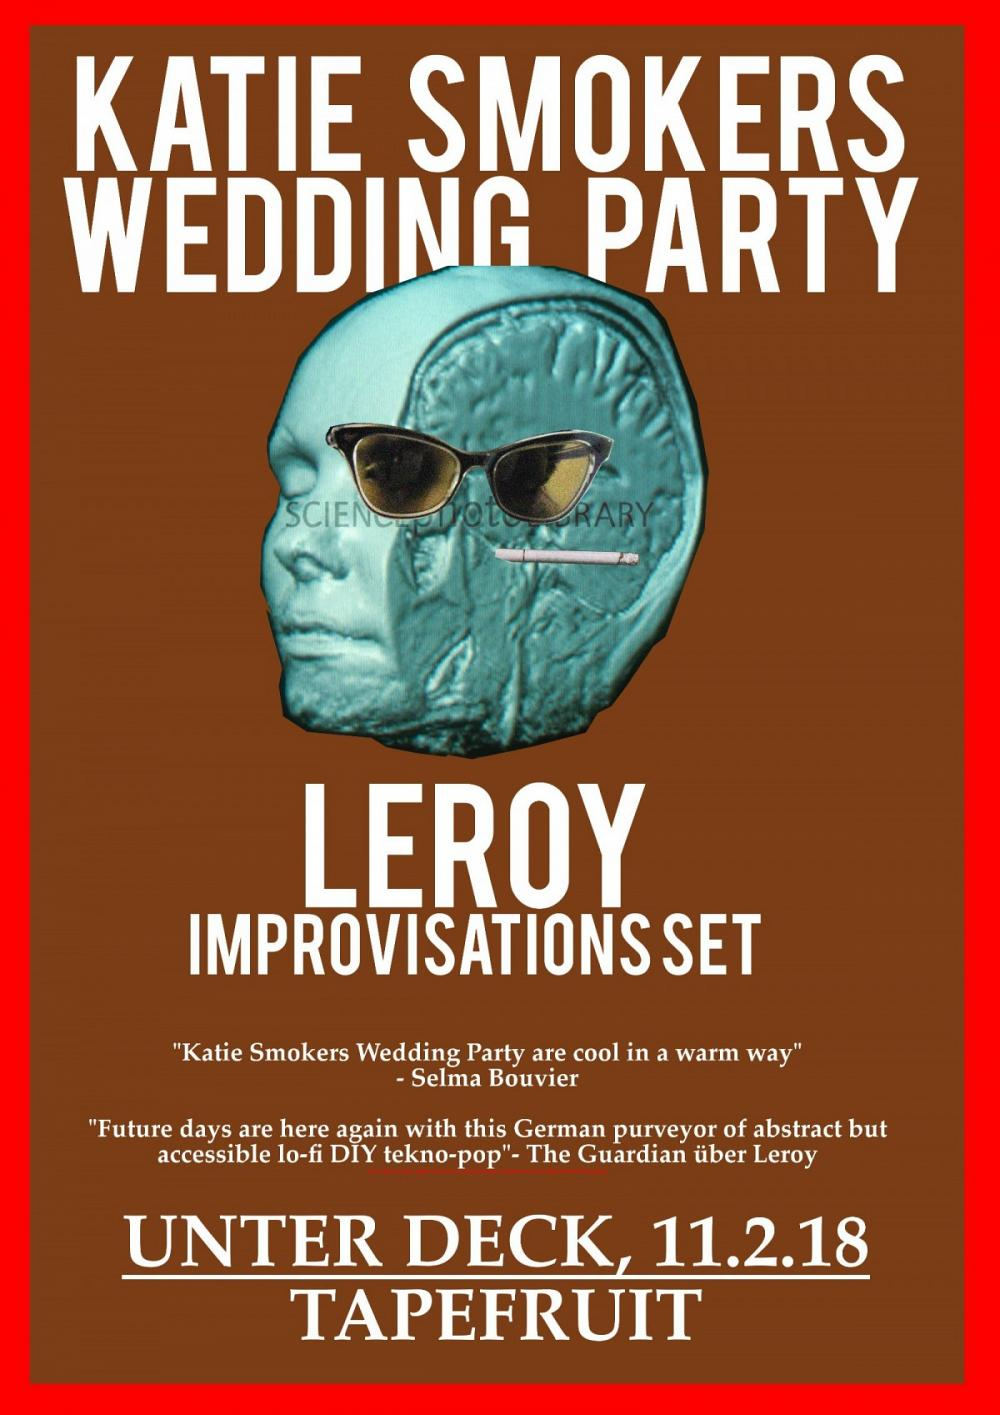 Tapefruit Konzert: Katie Smokers Wedding Party + LeRoy Impro feat. Markus Acher | 11.02.2018 @ Unter Deck